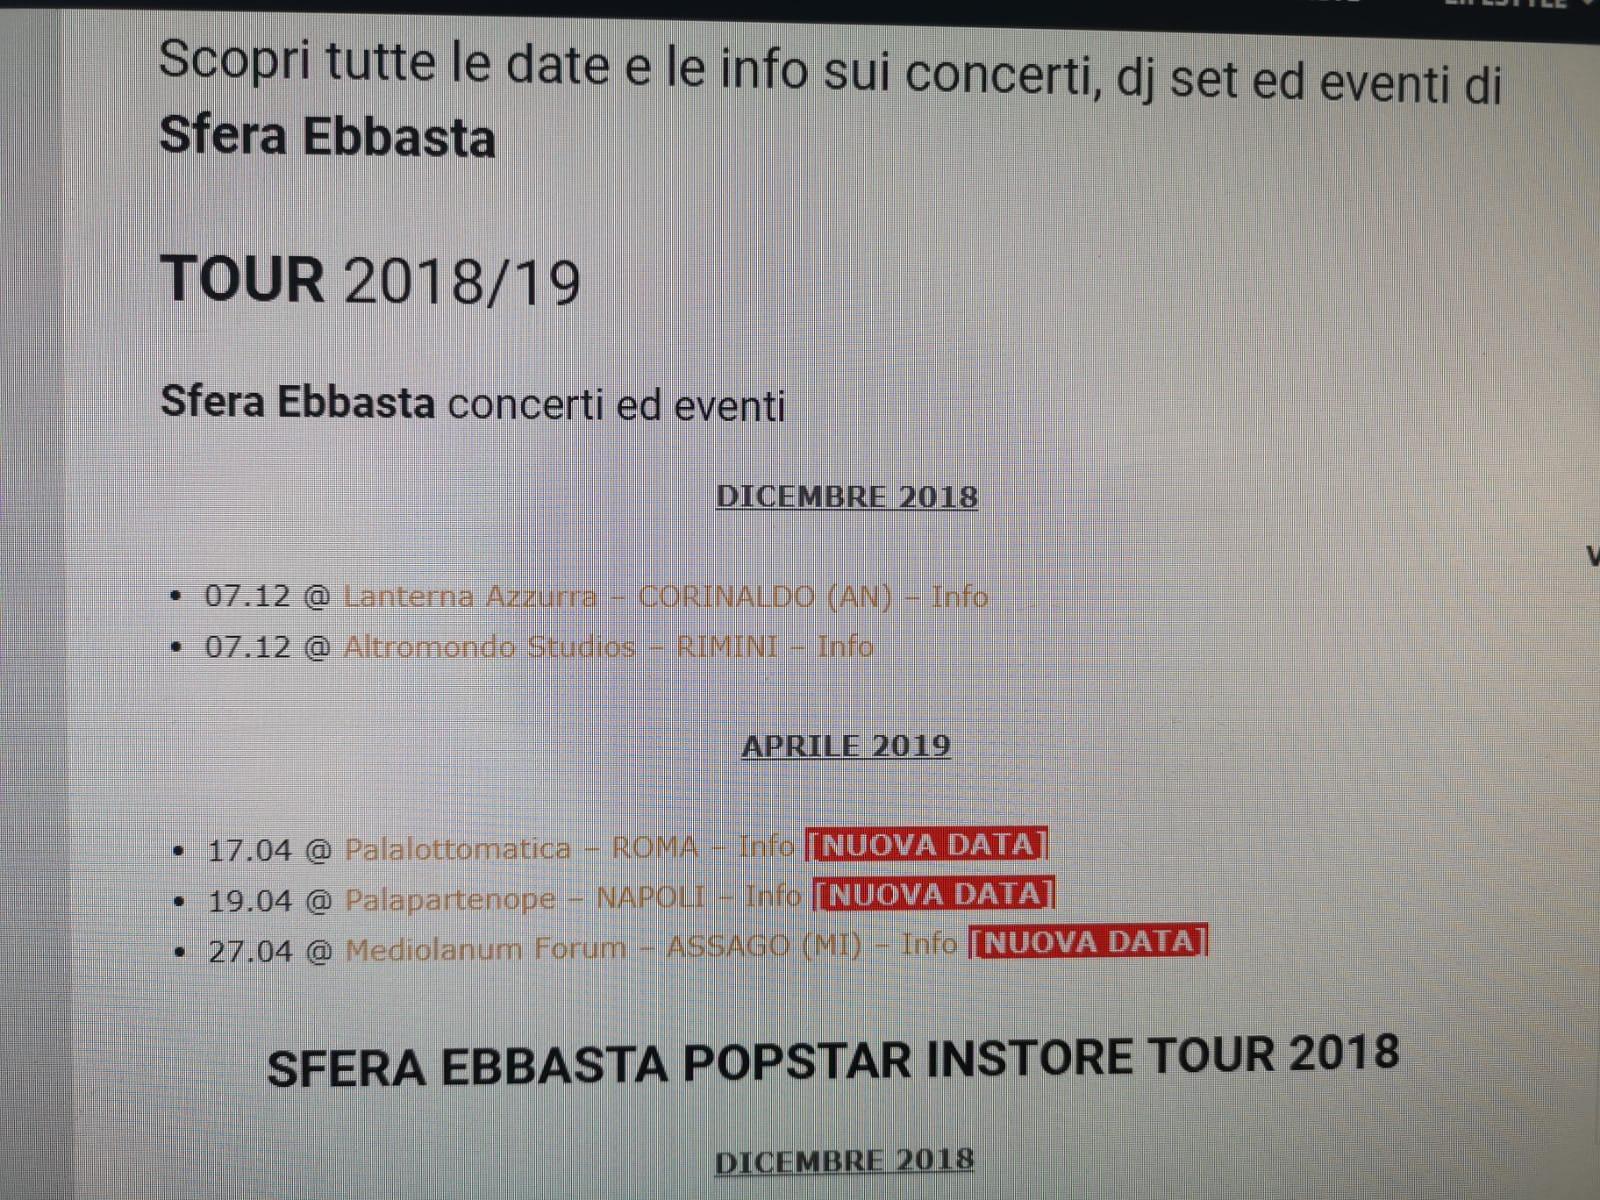 Sfera Ebbasta, gli eventi programmati il 7 dicembre